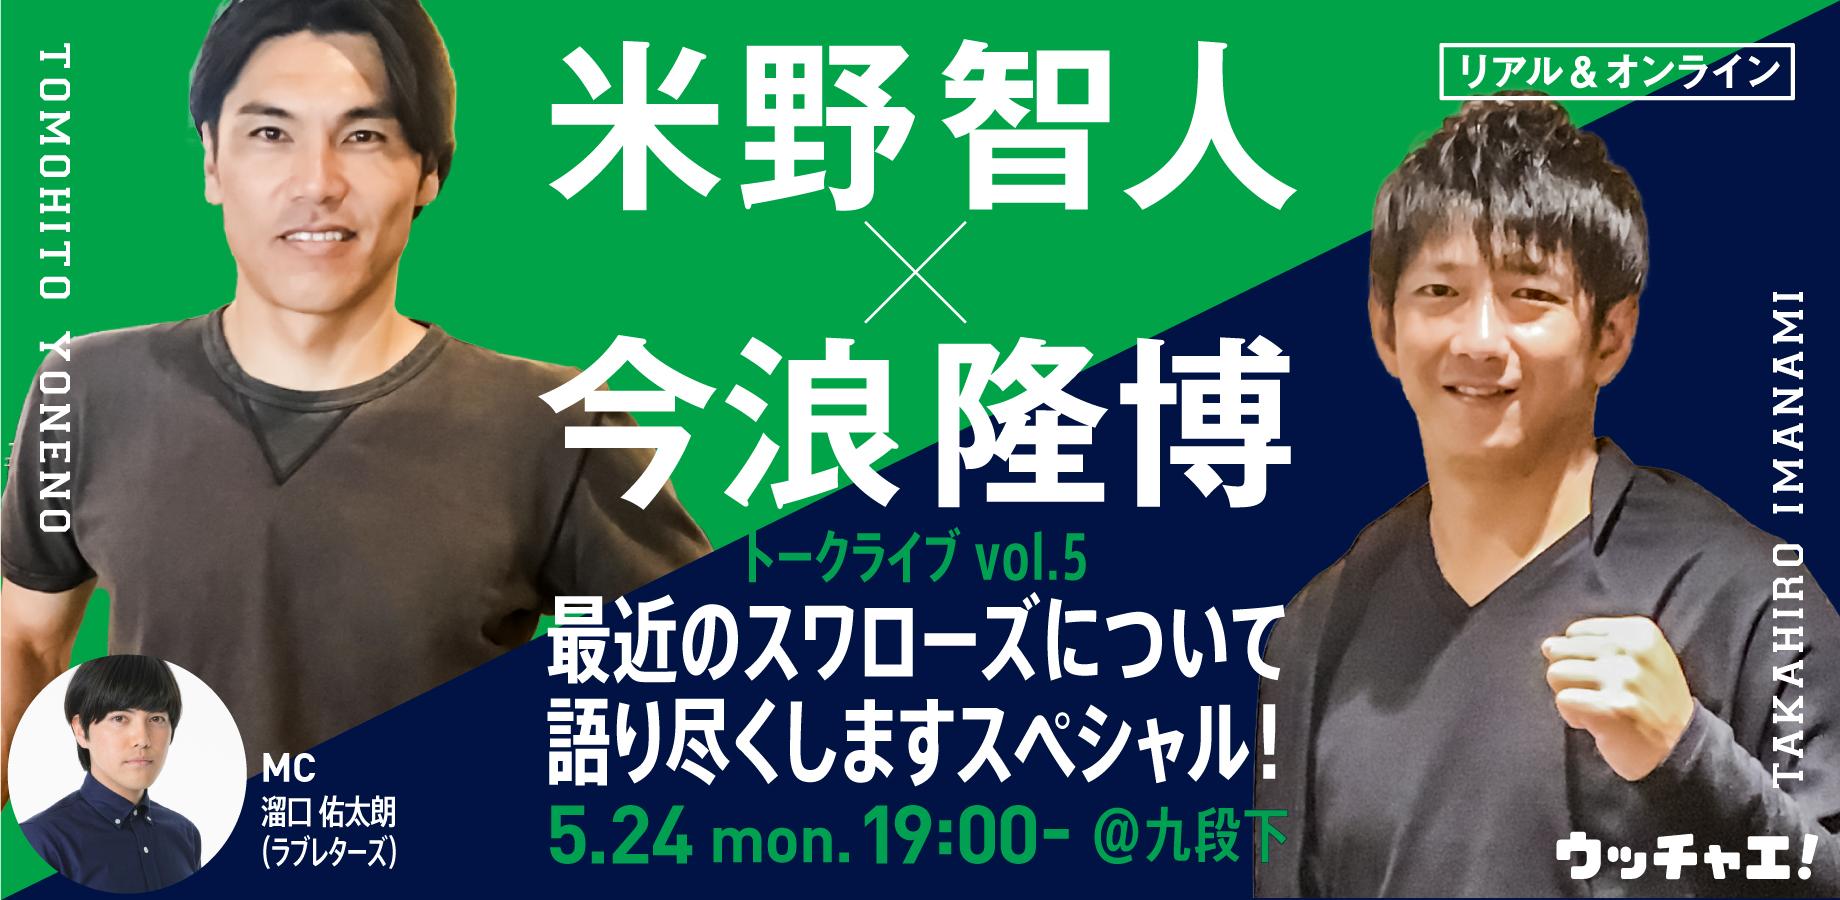 米野智人×今浪隆博トークライブvol.5〜最近のスワローズについて語り尽くしますスペシャル〜